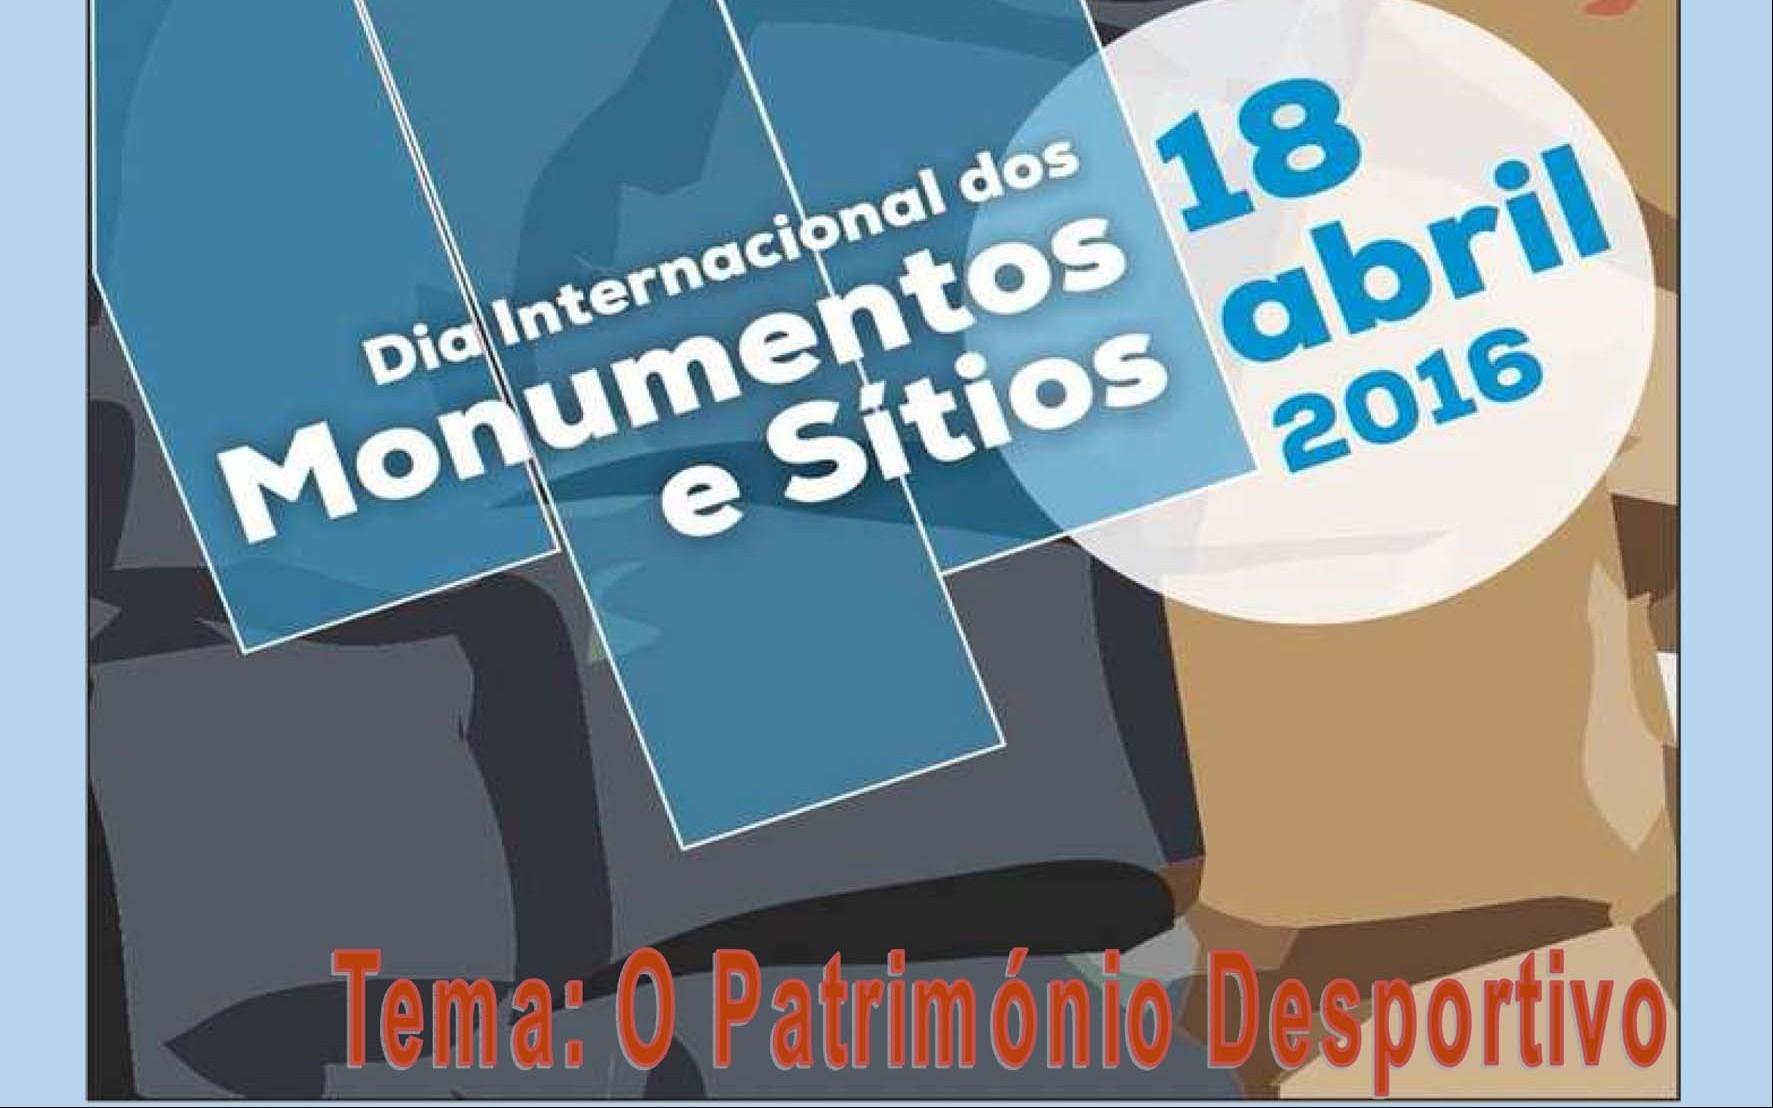 Açores assinalam Dia Internacional dos Monumentos e Sítios